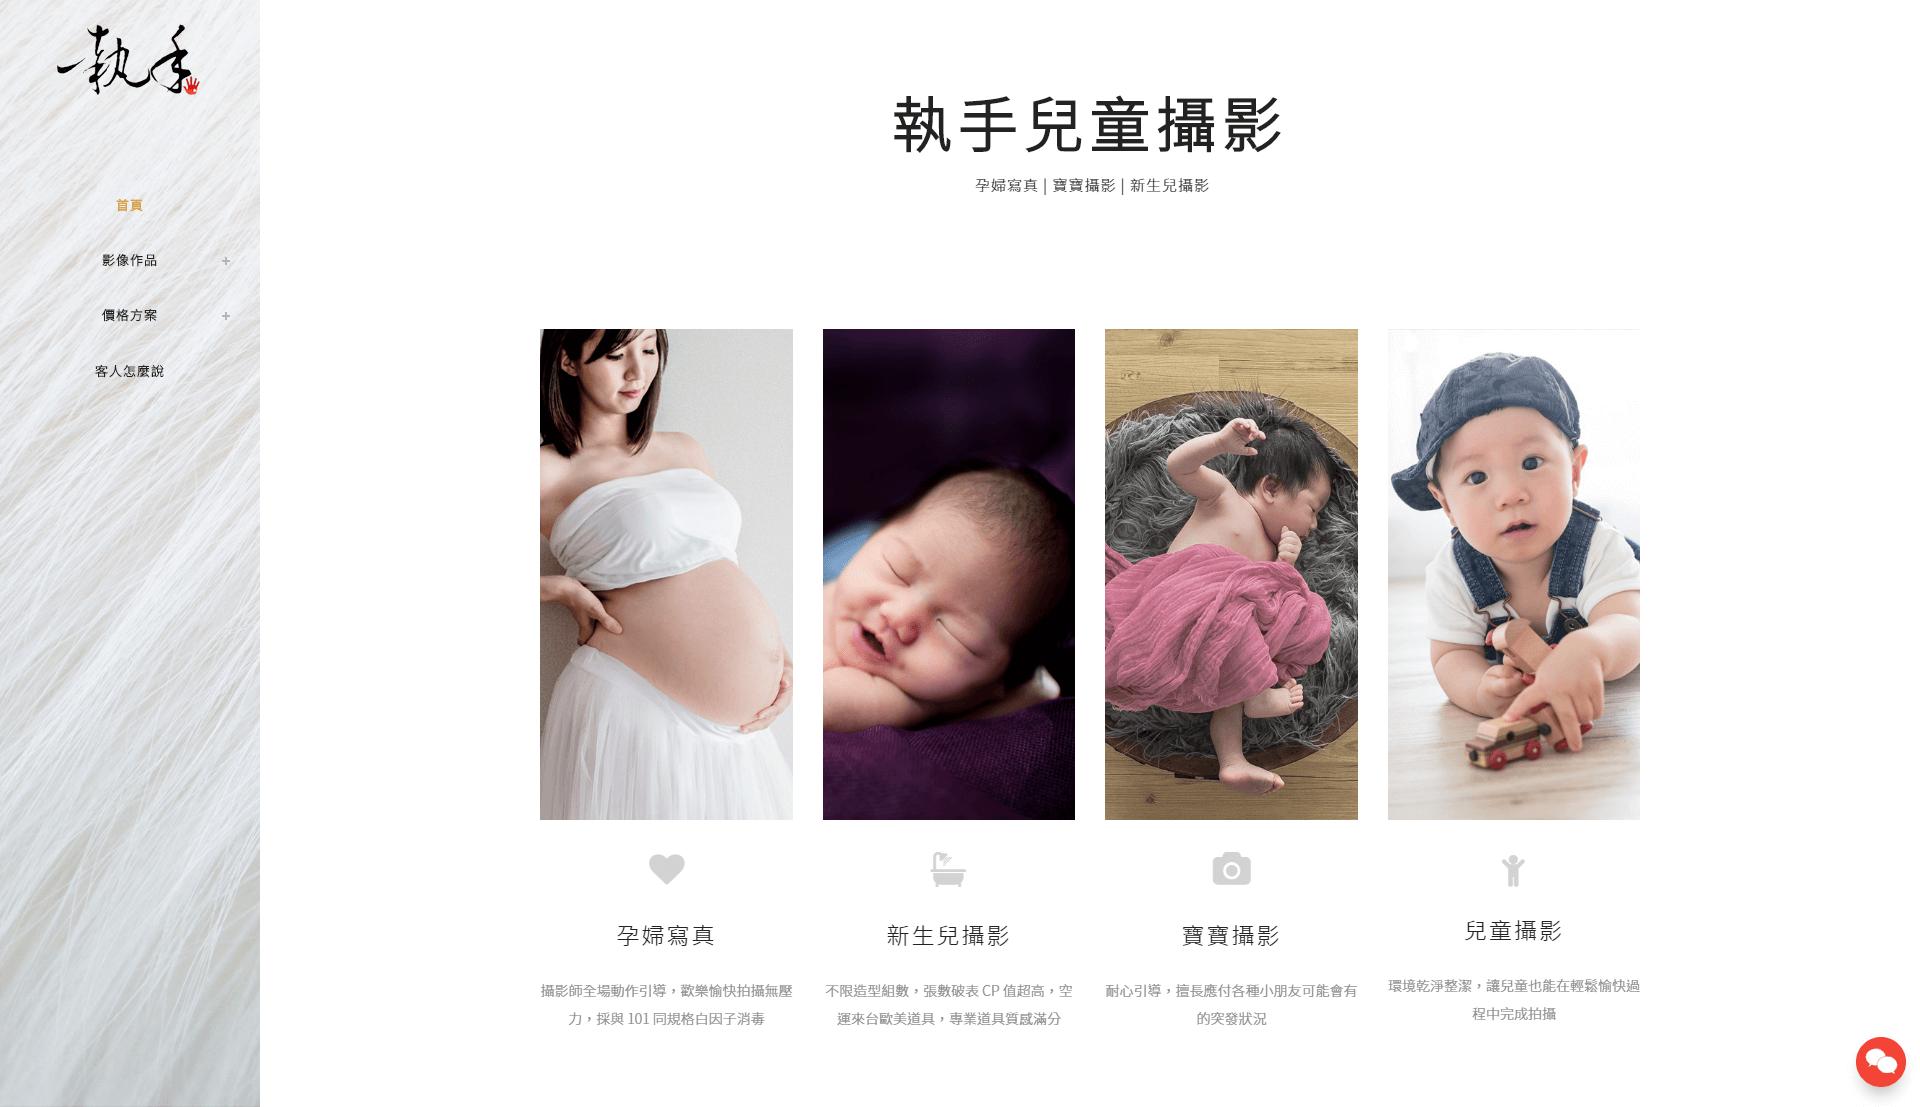 執手兒童攝影 - SEO 優化 | 網站設計 | 網站架設